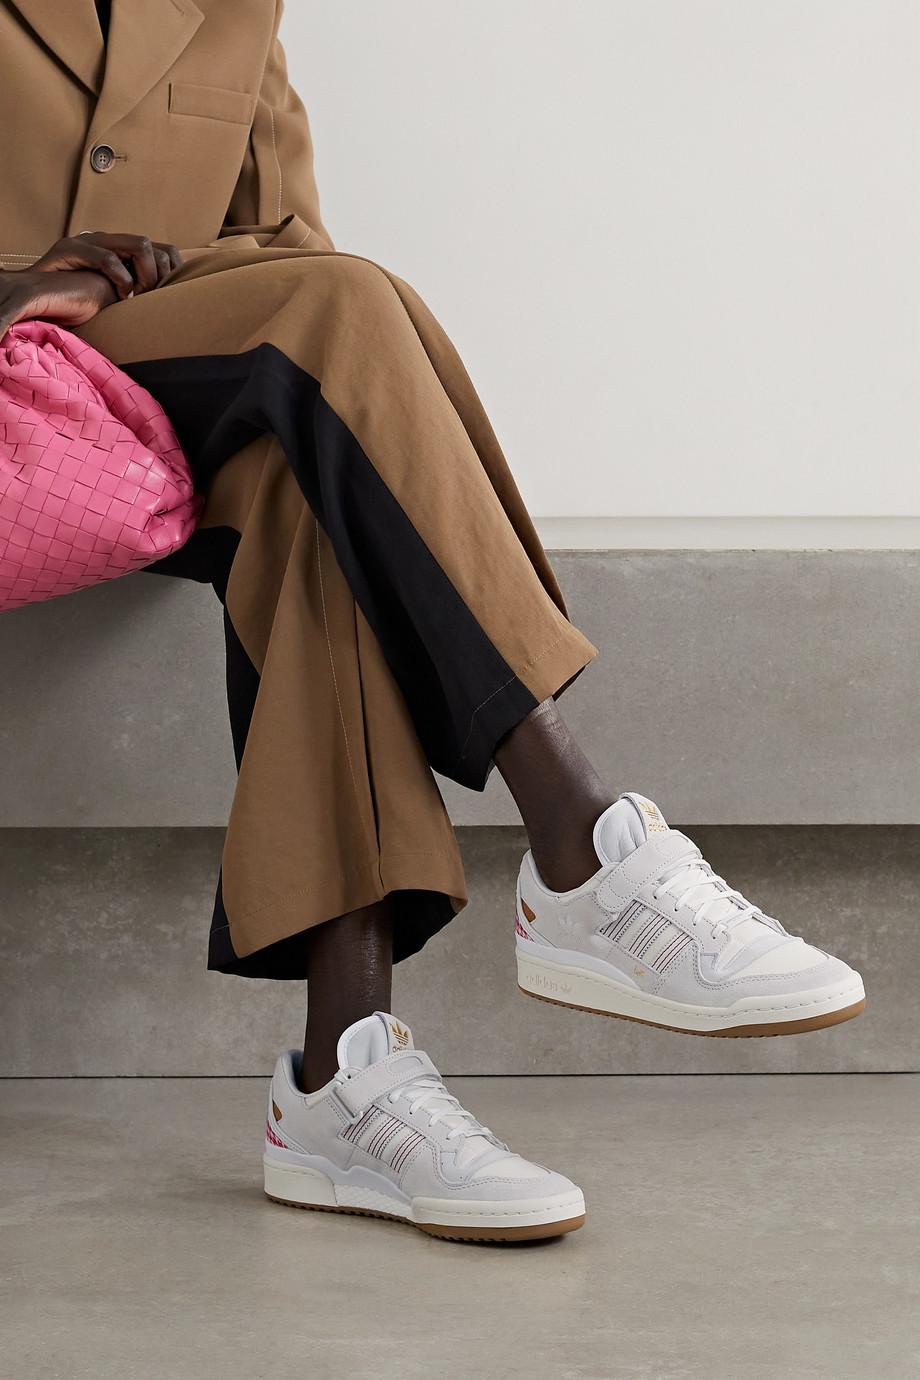 adidas Originals + Arwa Al Banawi Forum 84 Sneakers aus Canvas mit Besätzen aus Veloursleder und Leder